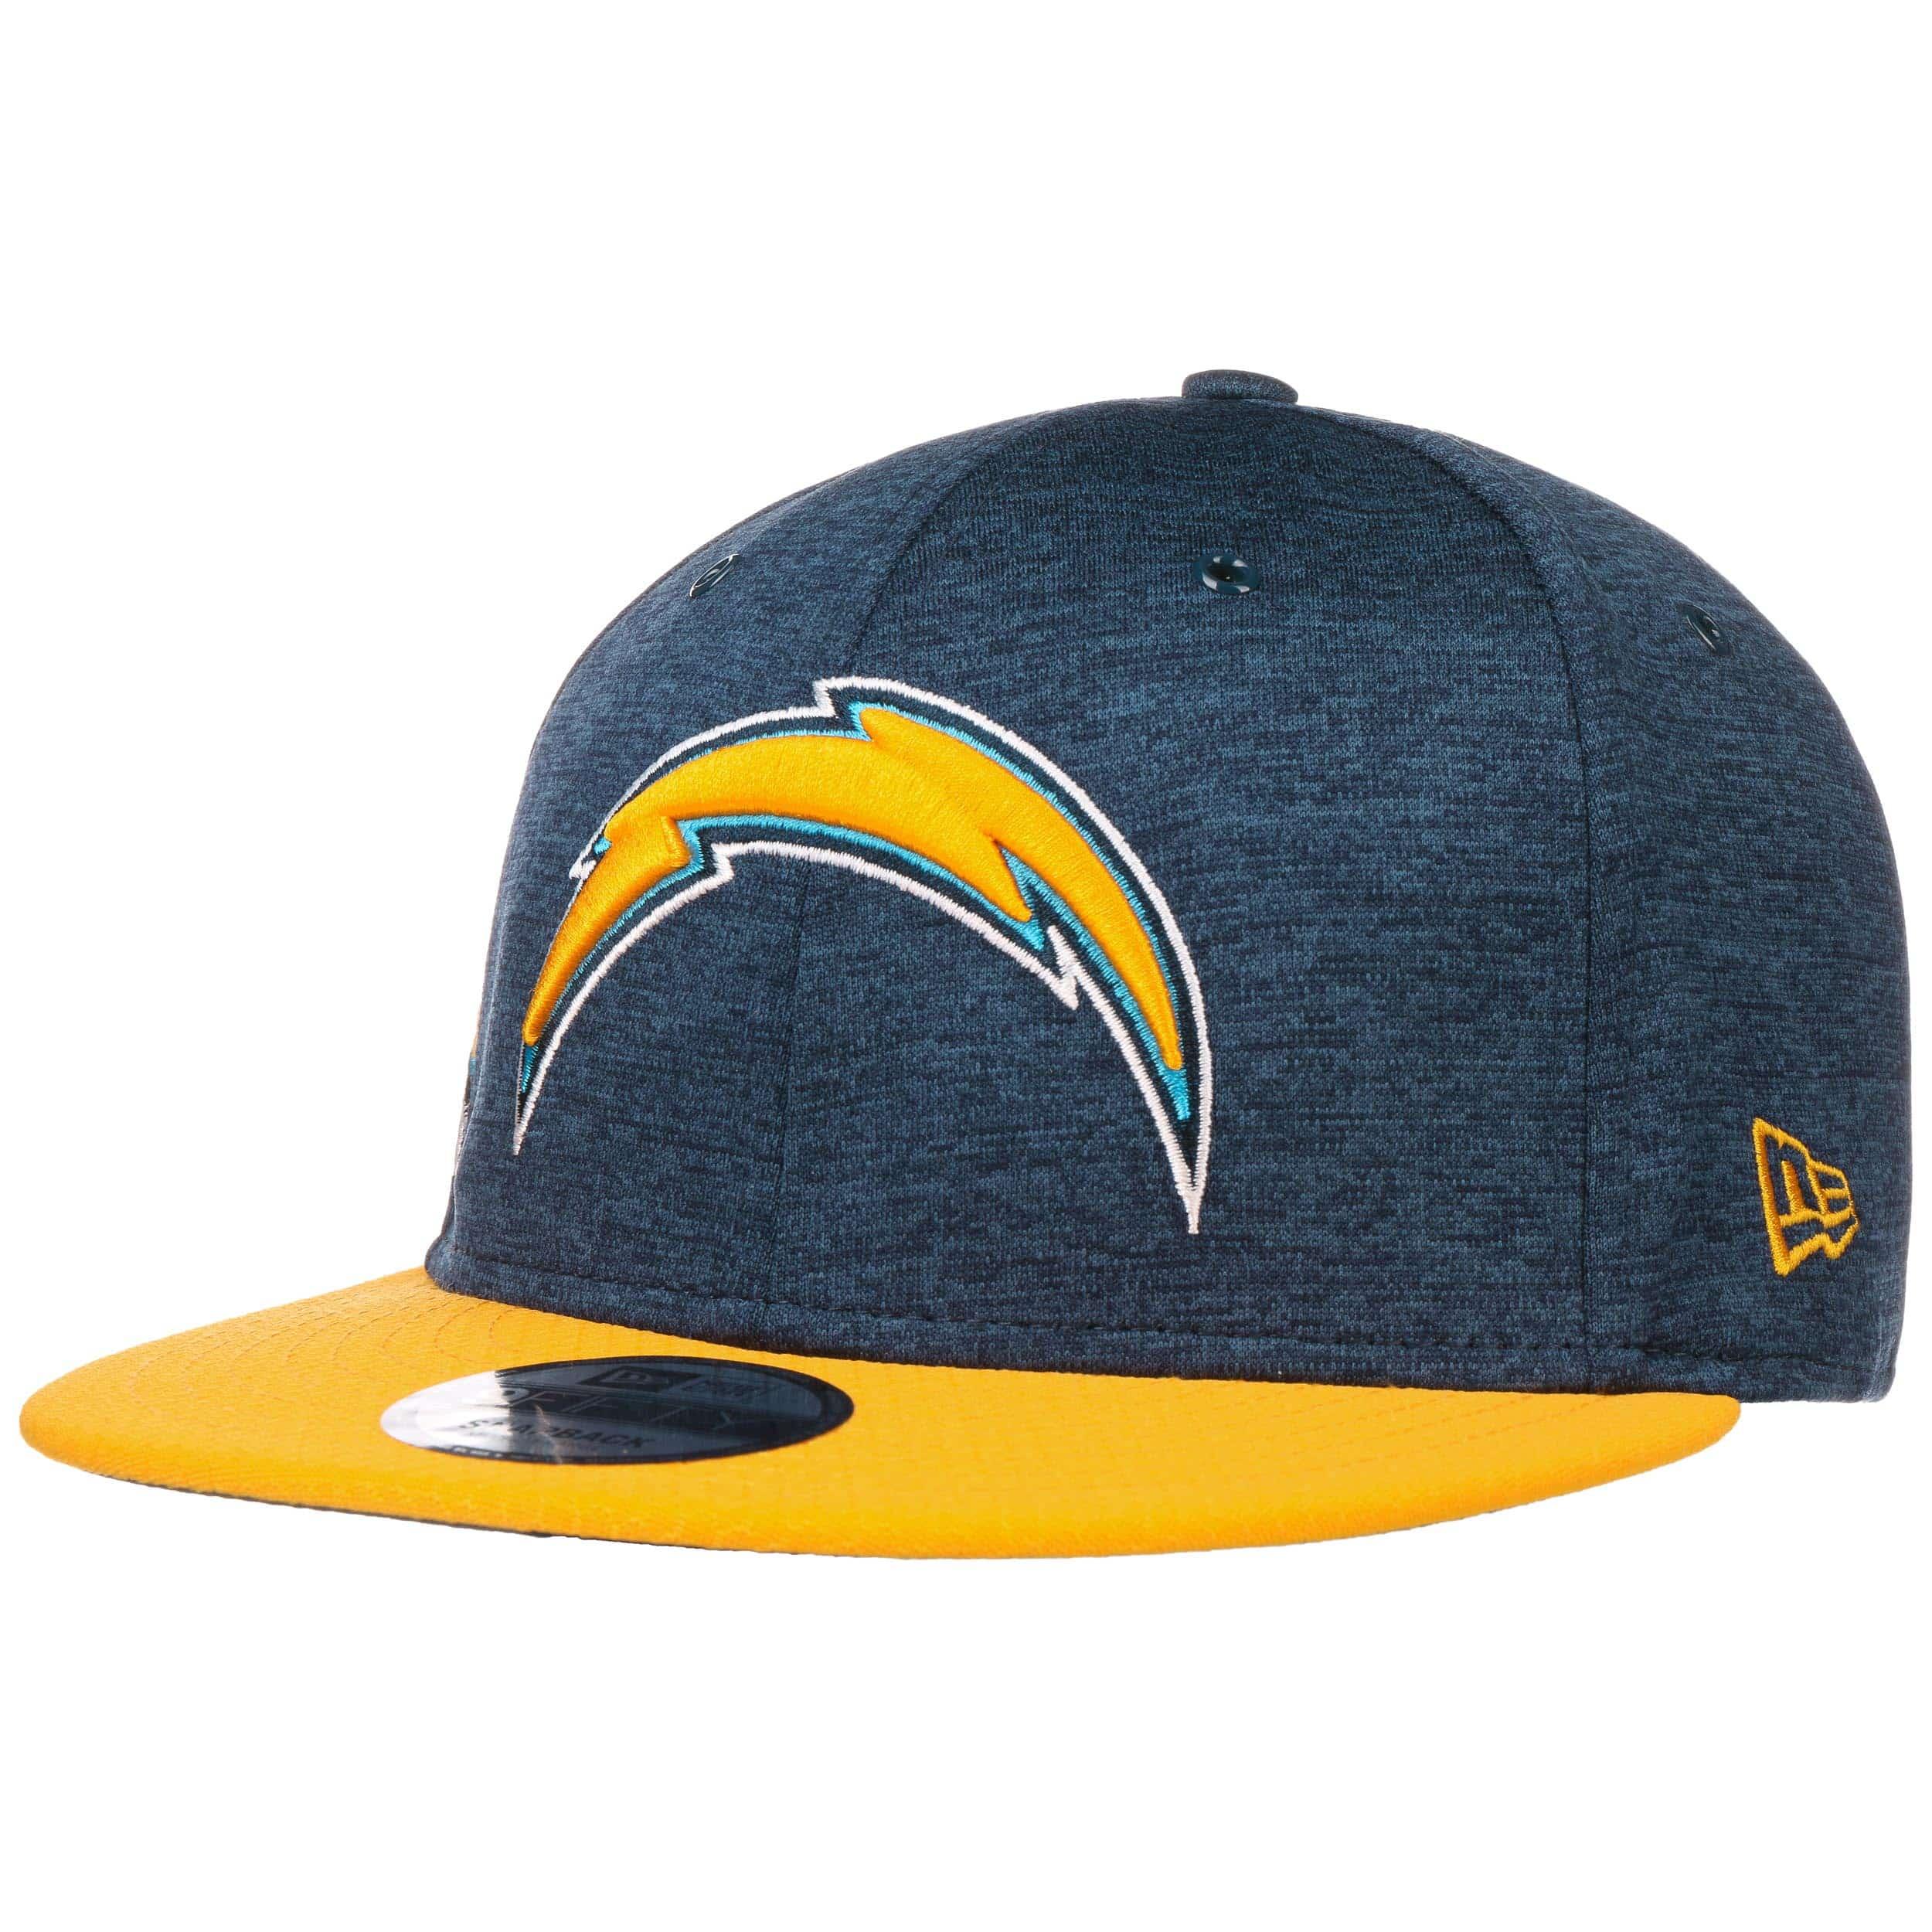 9Fifty On-Field 18 LA Chargers Cap. by New Era 0c6e1e861e7